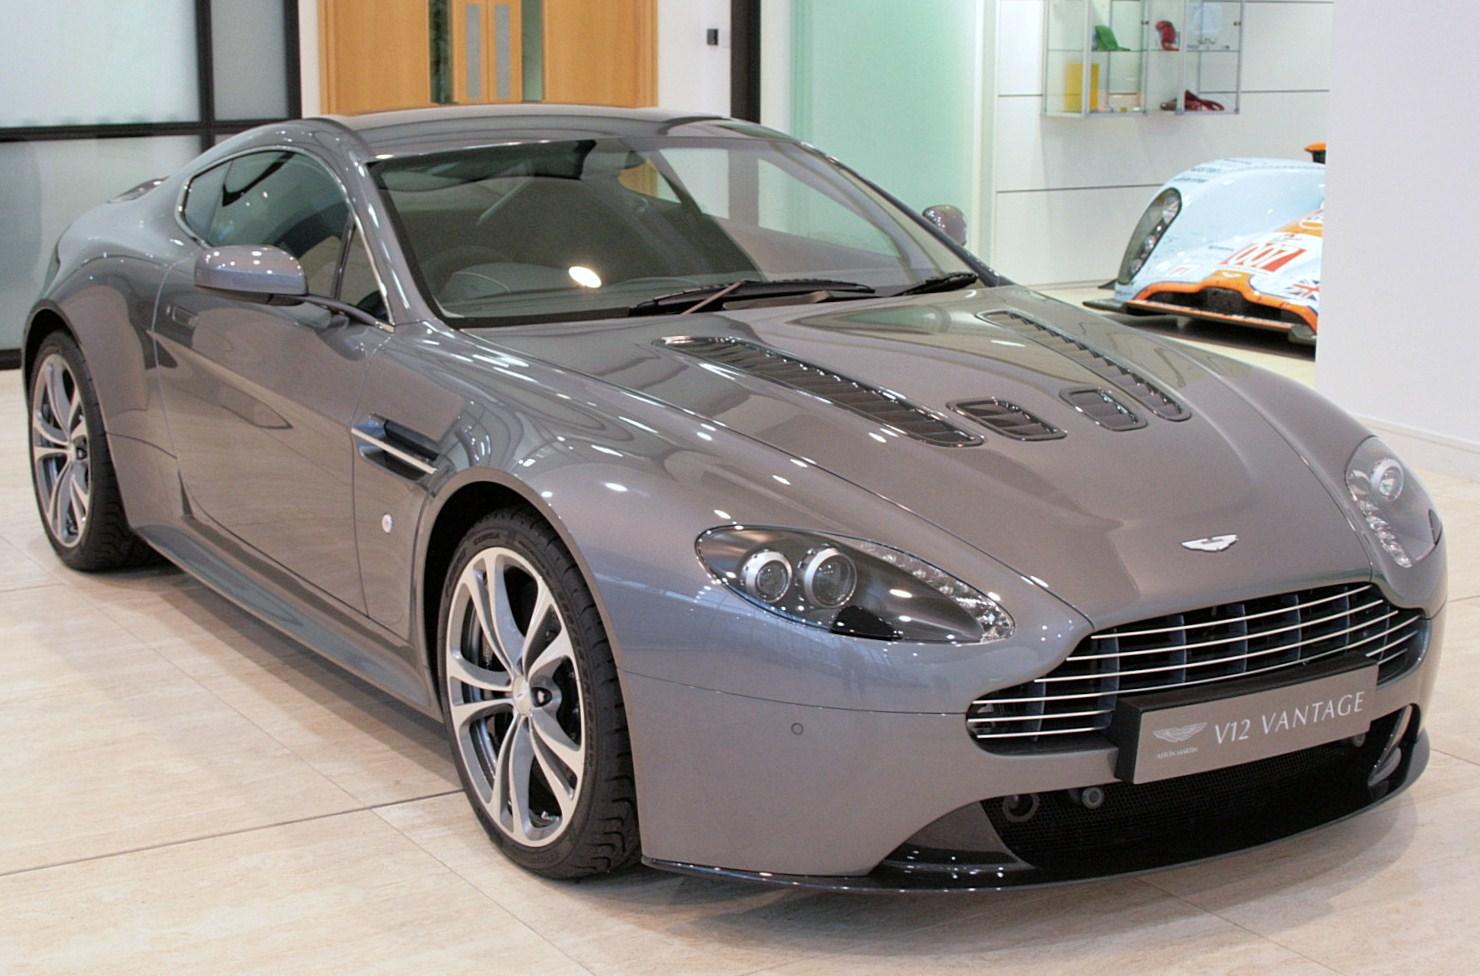 Datei:8-8-8 Grey Aston Martin V8 Vantage.jpg – Wikipedia | 2009 aston martin v8 vantage